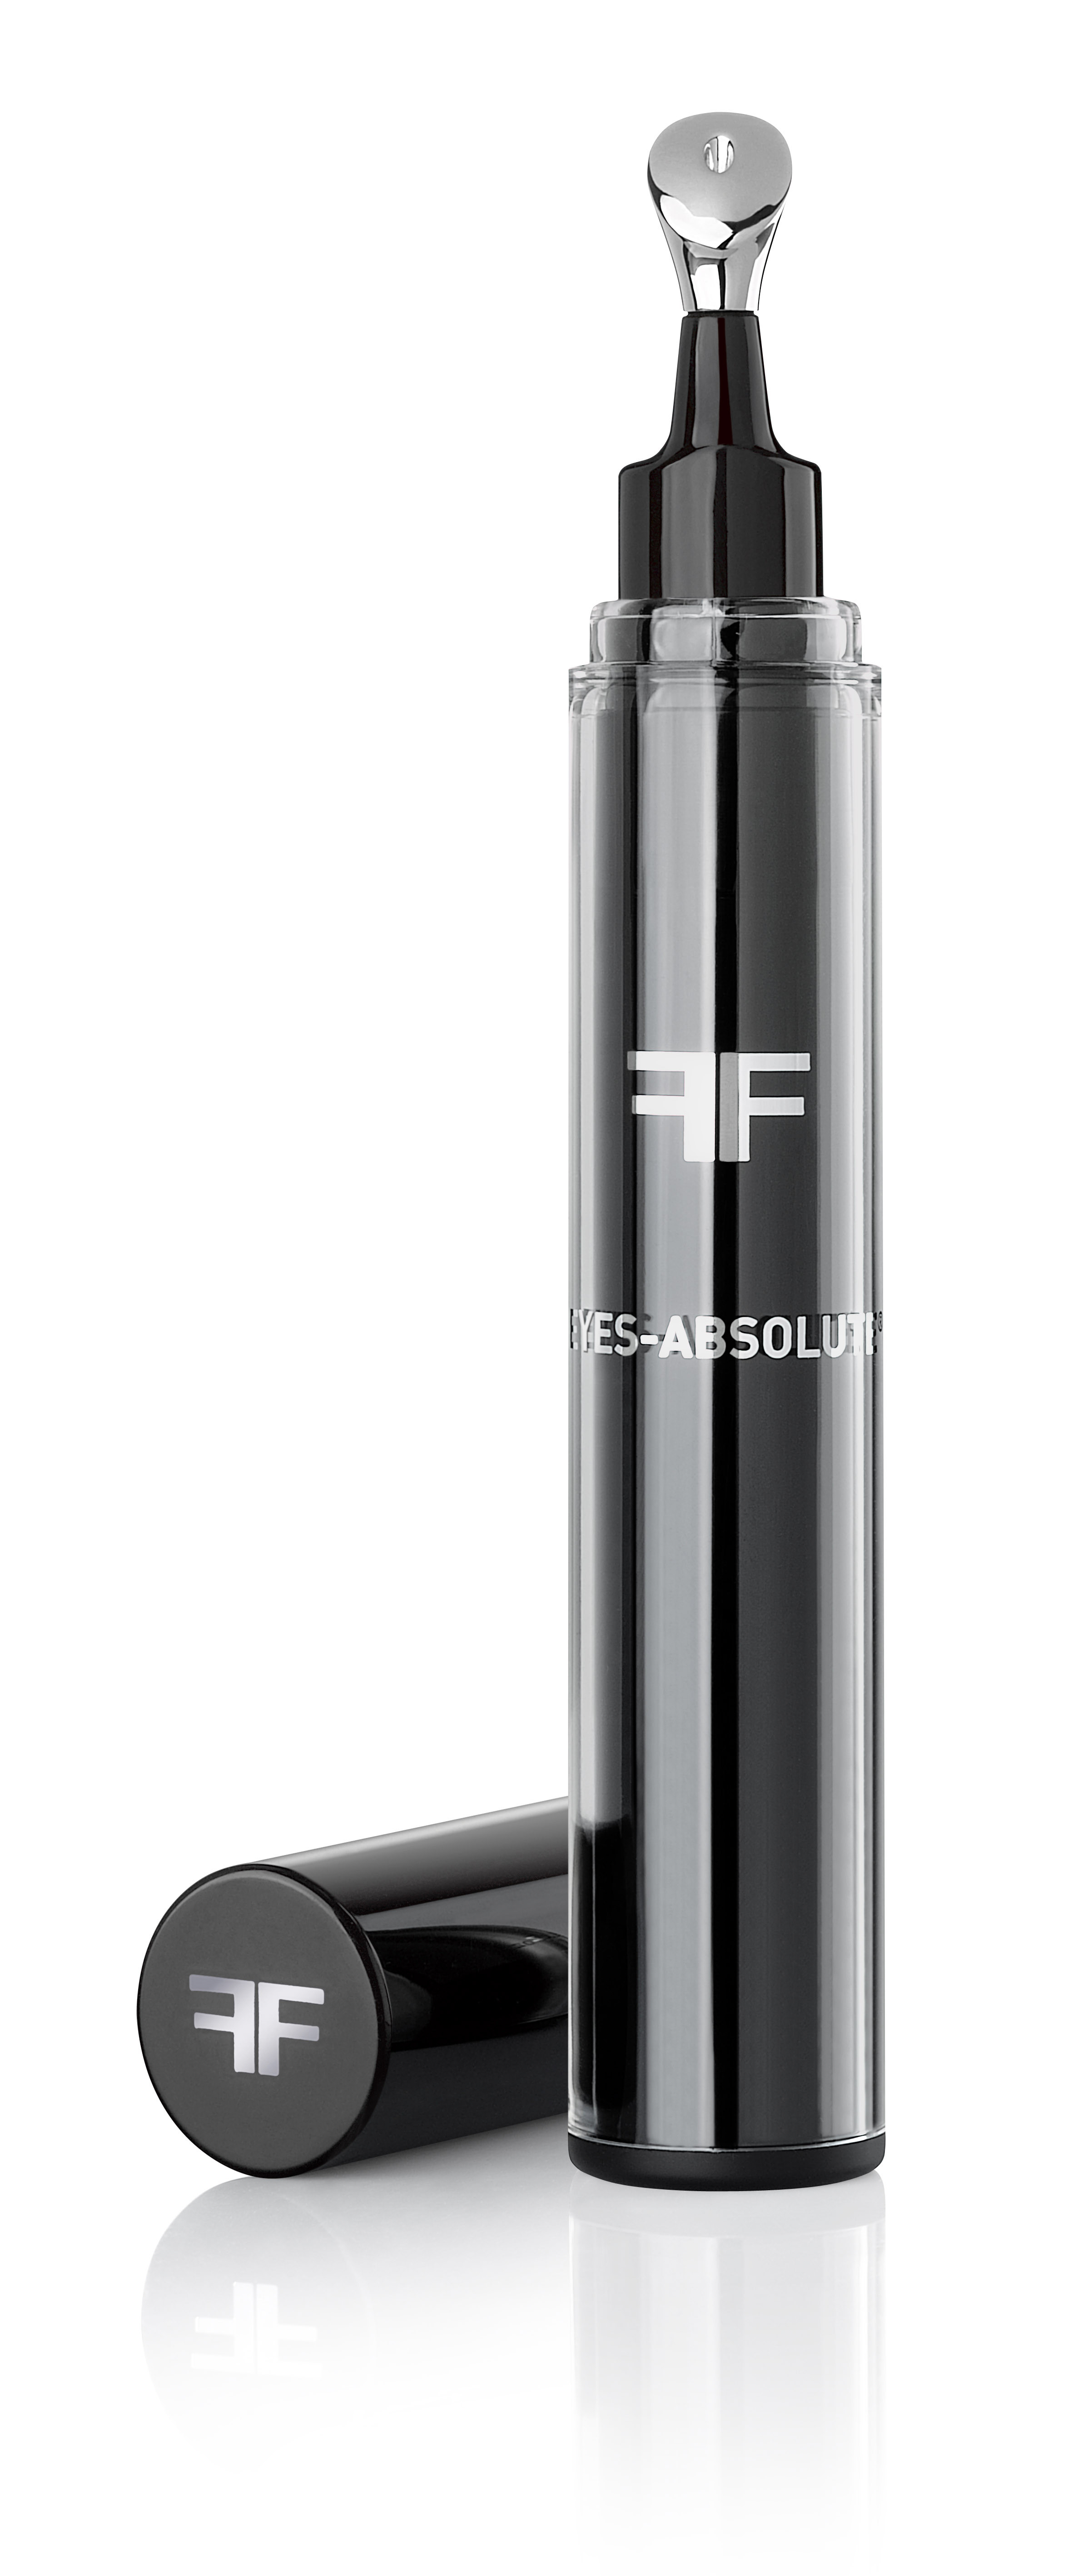 ФИЛОРГА Луксозна грижа за околоочния контур 15мл | FILORGA EYE ABSOLUTE 15ml